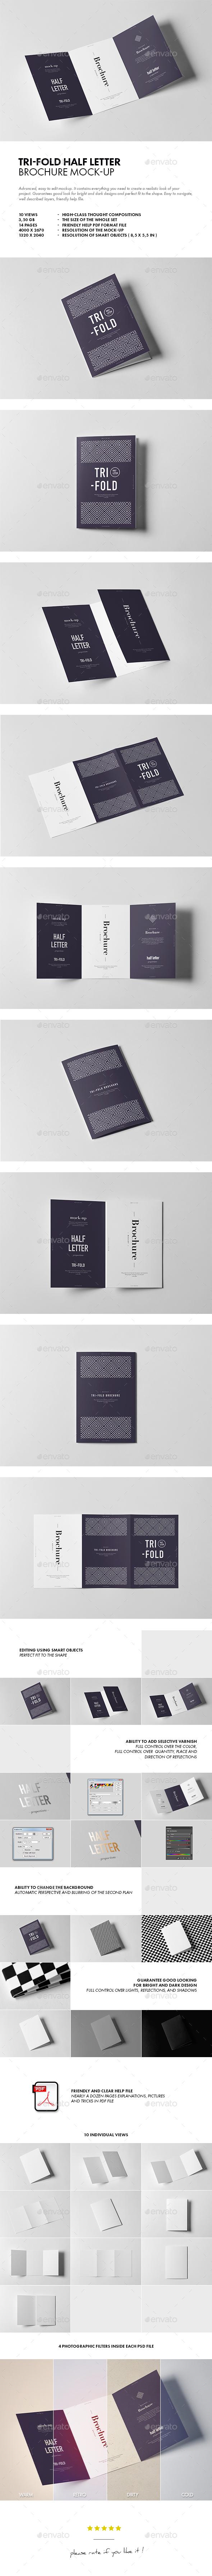 Tri-Fold Half Letter Brochure Mock-up - Brochures Print